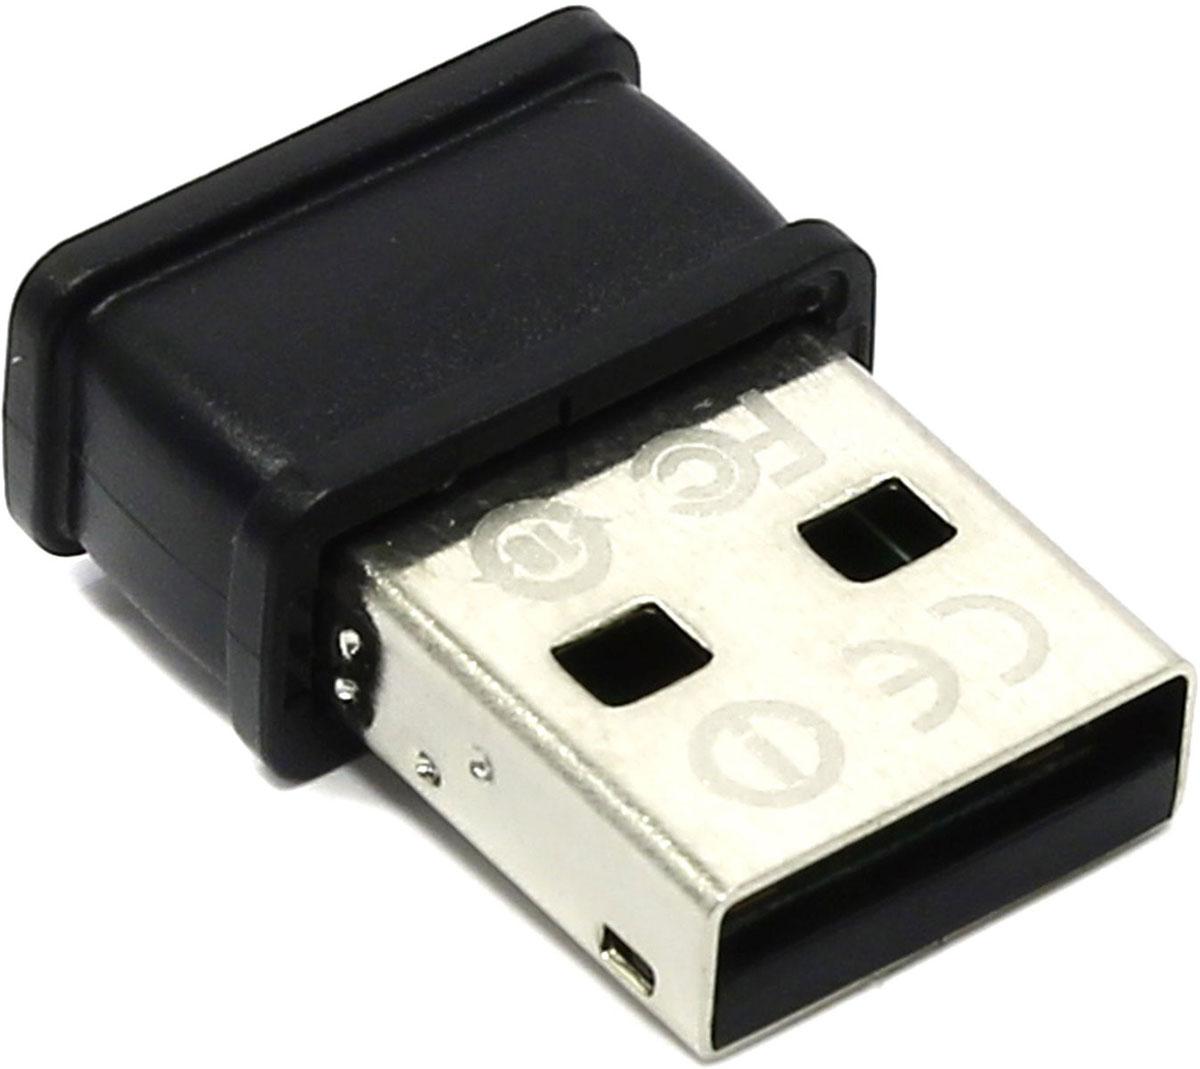 Tenda W311MI беспроводной USB-адаптер купить адаптер к мотоблоку в минске